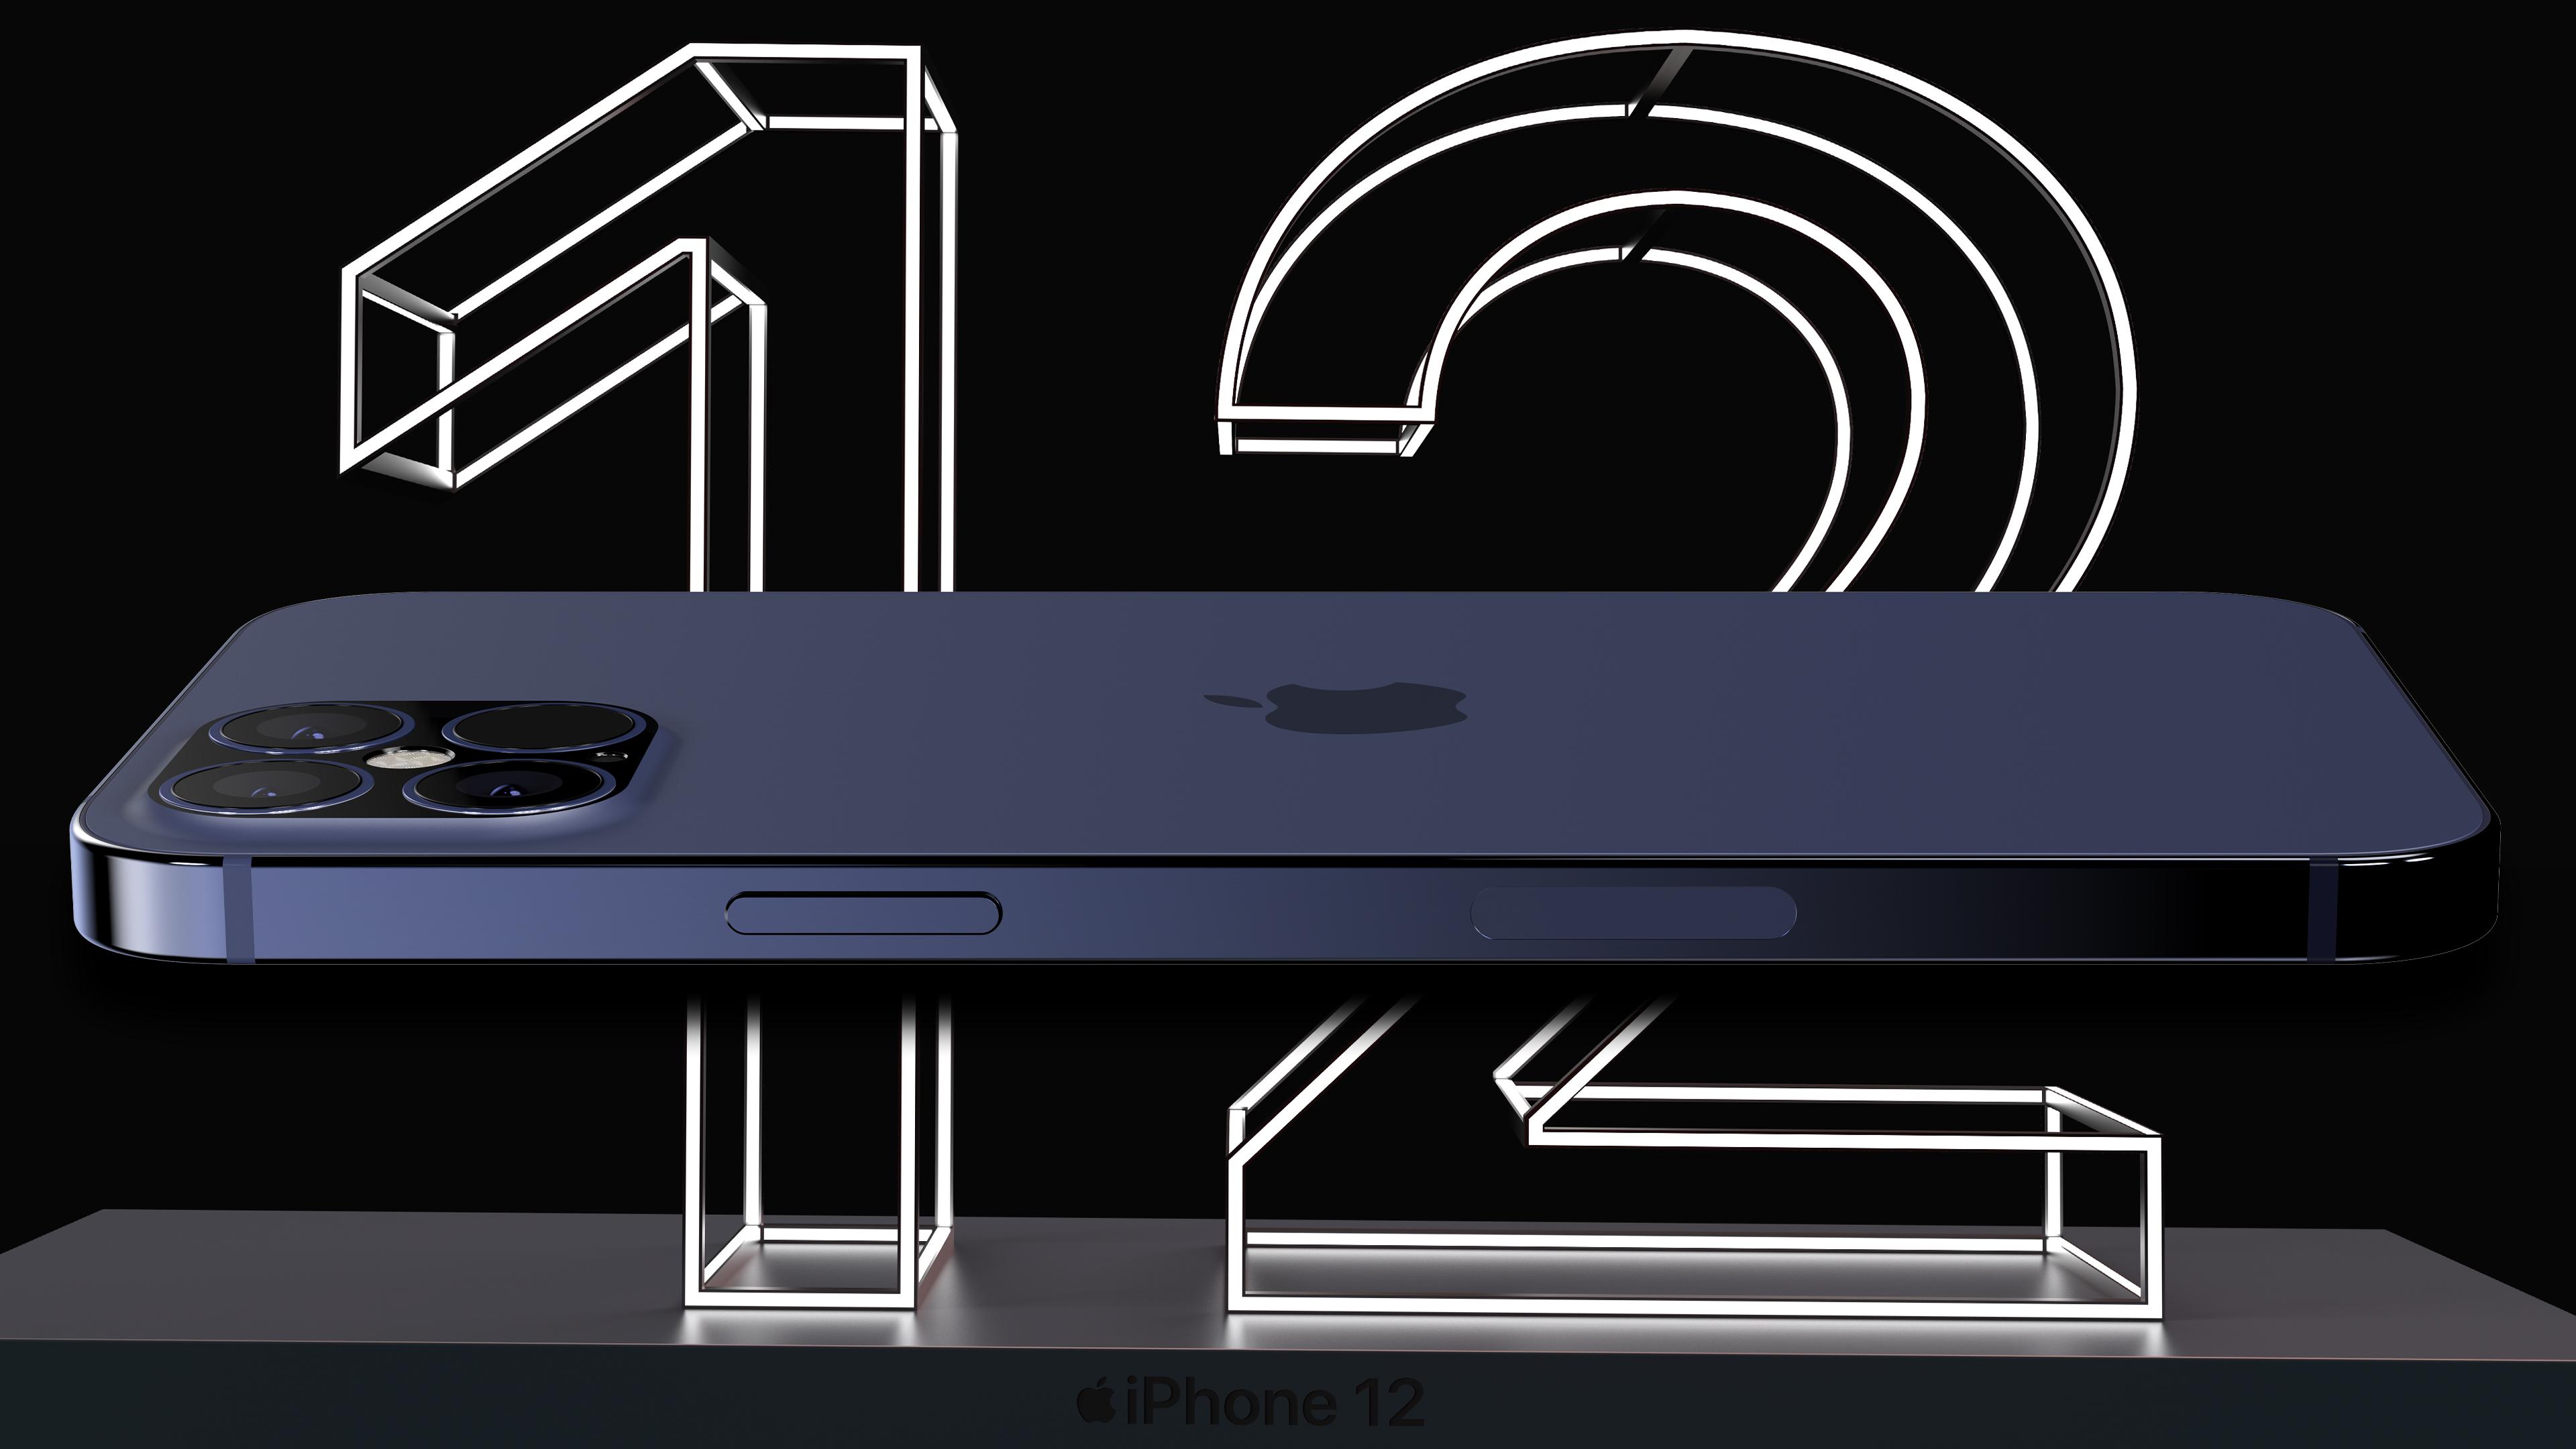 Apple iPhoe 12 5G cena sub-6 GhzmmWave plotki przecieki wycieki kiedy premiera wideo 4K 120 fps iOS 14 beta 1